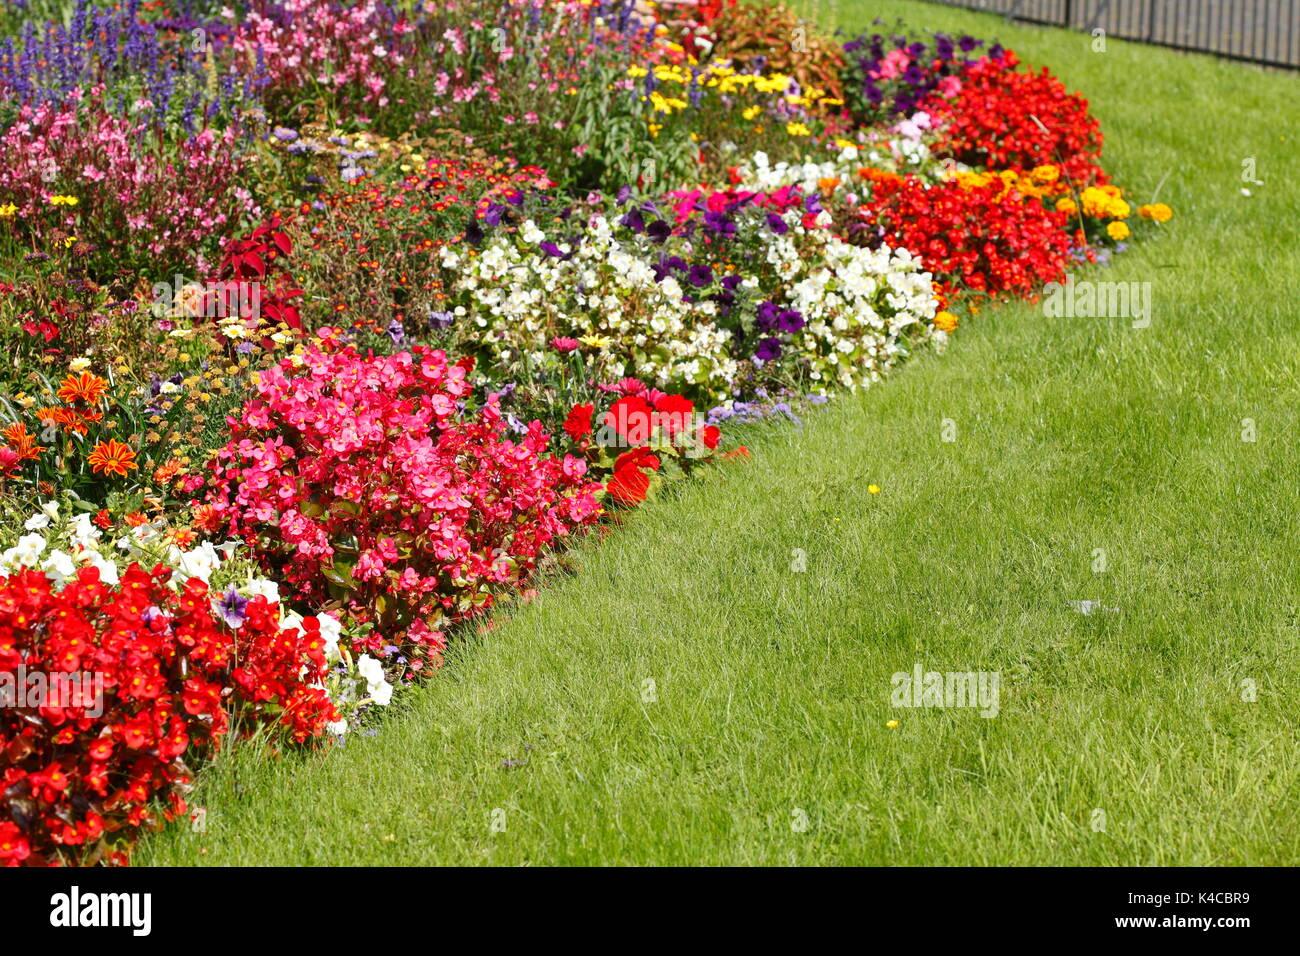 Image De Parterre De Fleurs parterre de fleurs d'été colorés avec blossomimg banque d